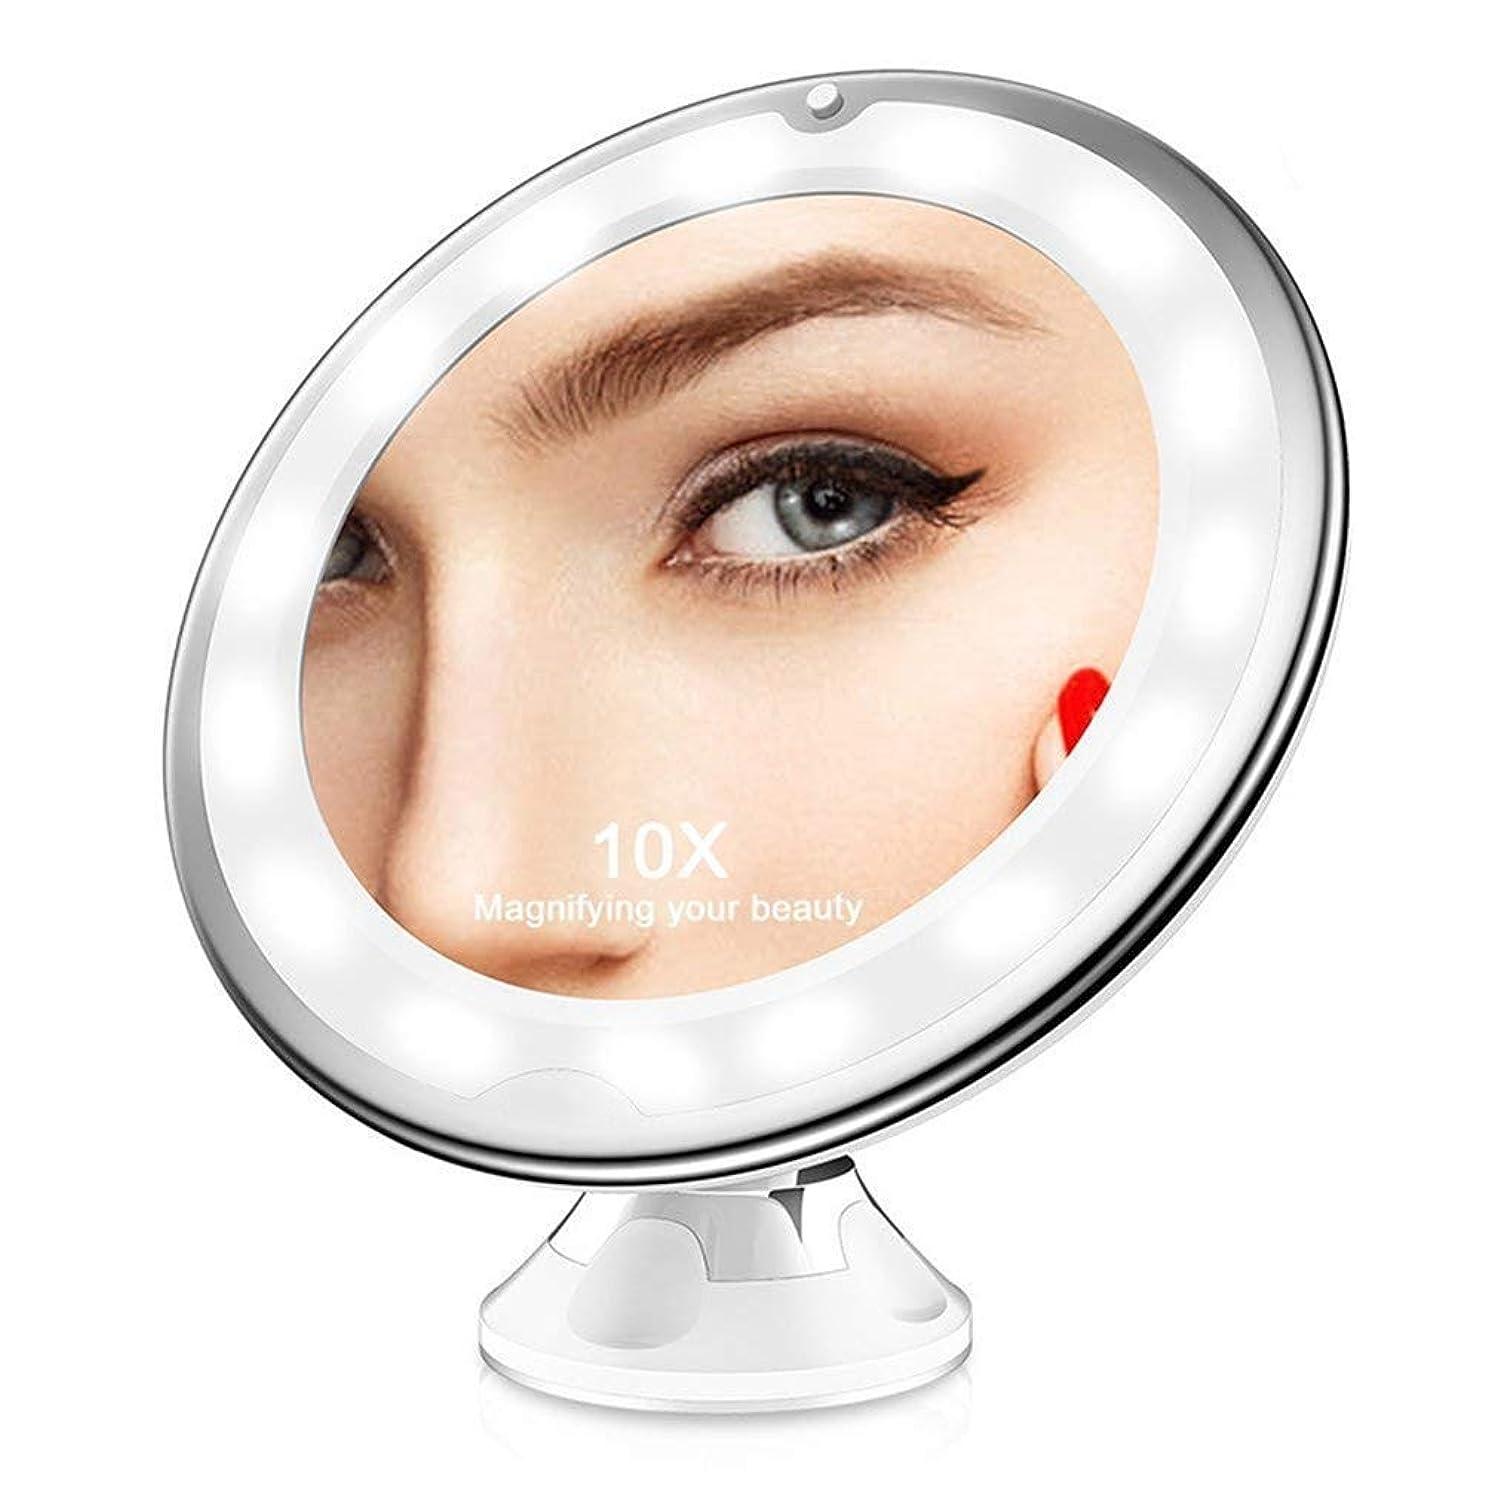 スコットランド人ペイン小説美容ミラー卓上ミラーled化粧鏡10倍拡大ライト付き化粧鏡で吸引ベース付き化粧とピンセット